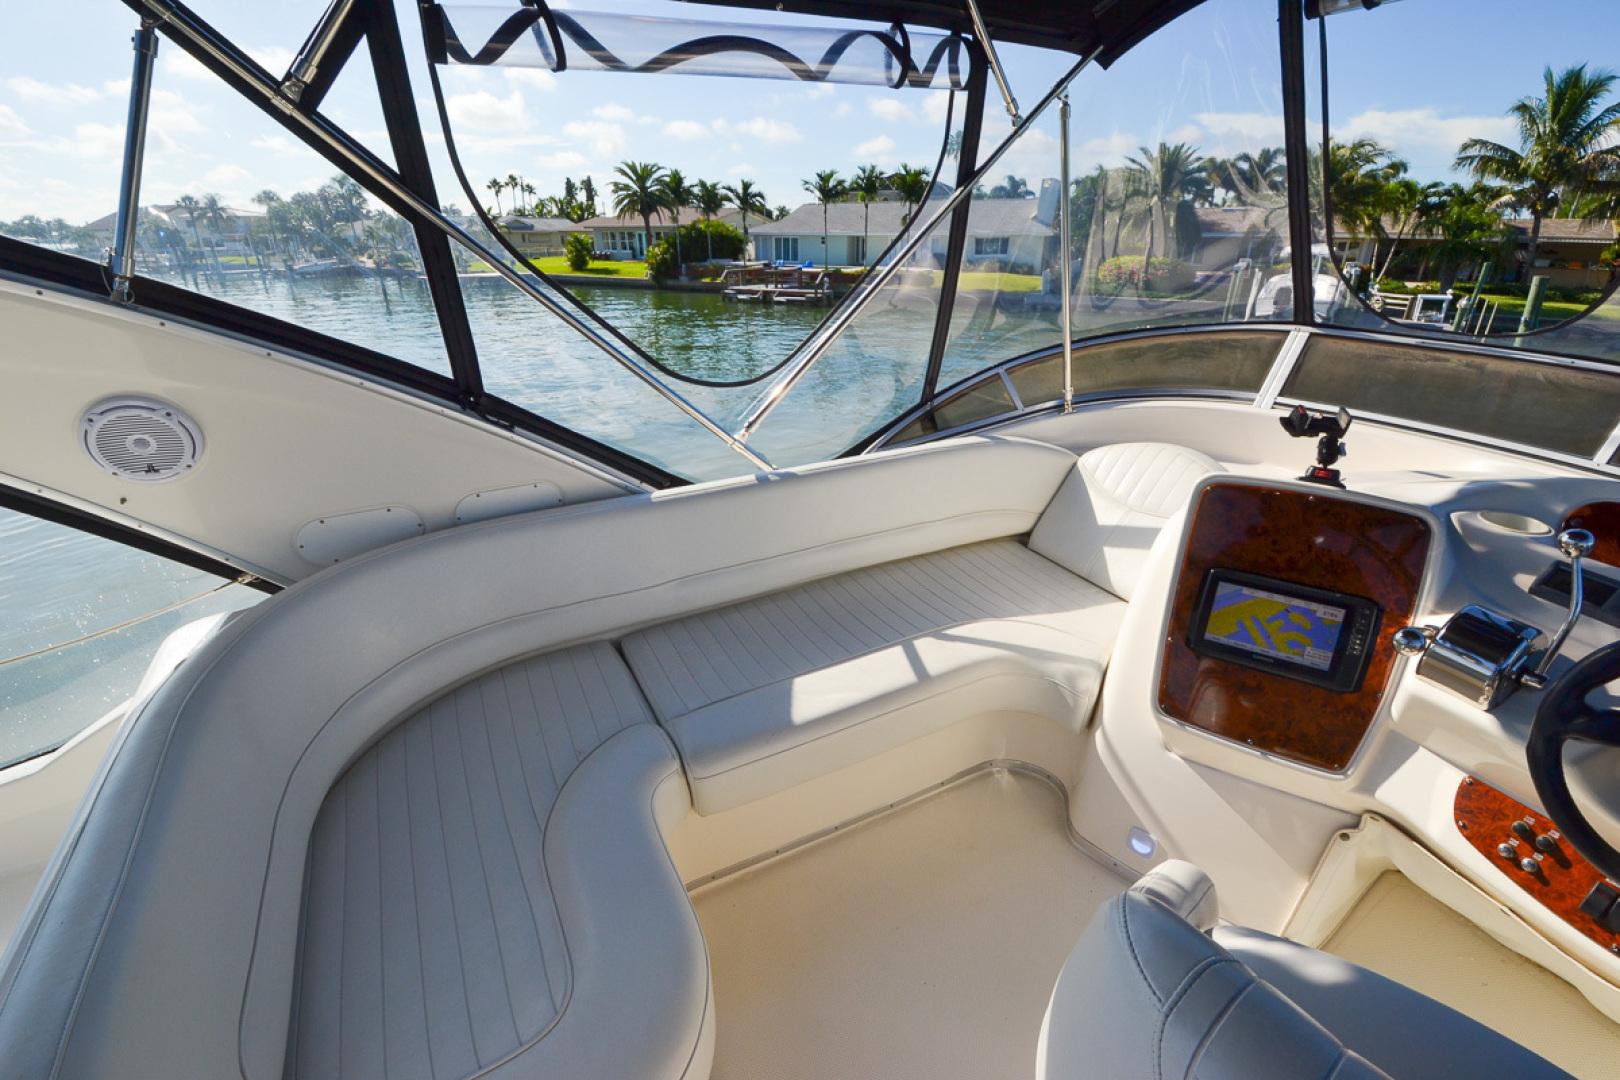 Meridian-341 Sedan 2004-Sea Harmony Belleair Beach-Florida-United States-1496633 | Thumbnail